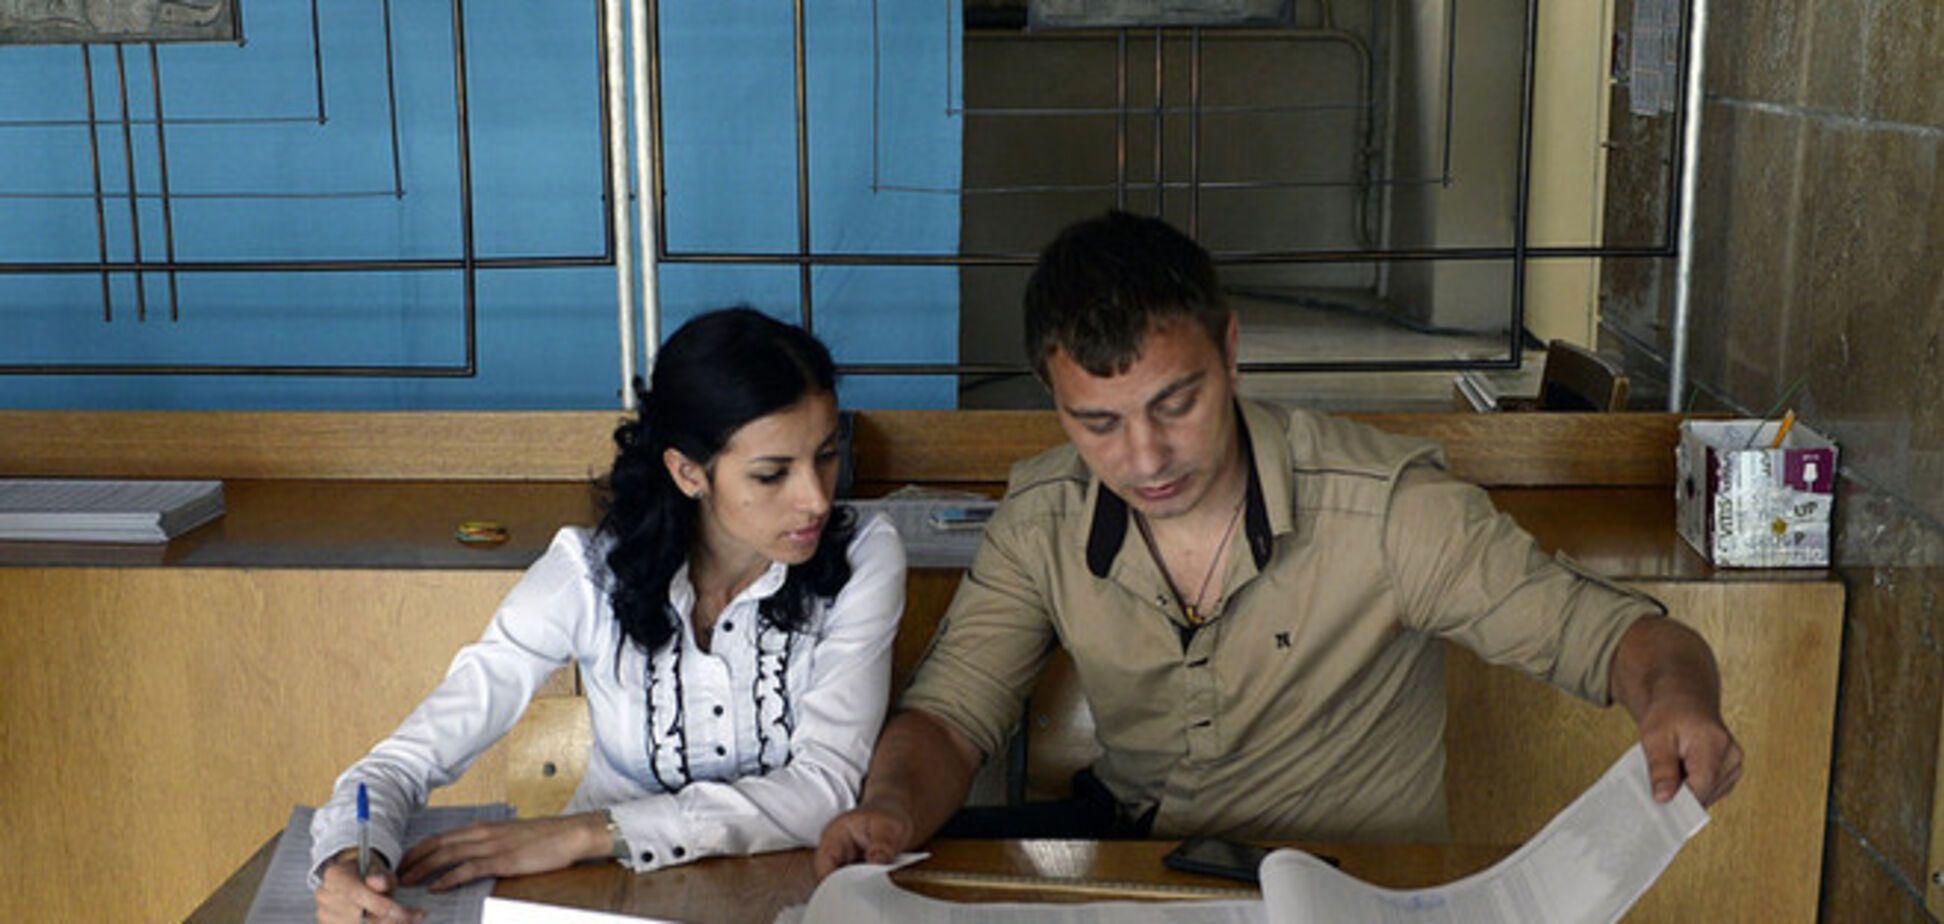 Округ на Днепропетровщине получил 20 тысяч бюллетеней с ошибками